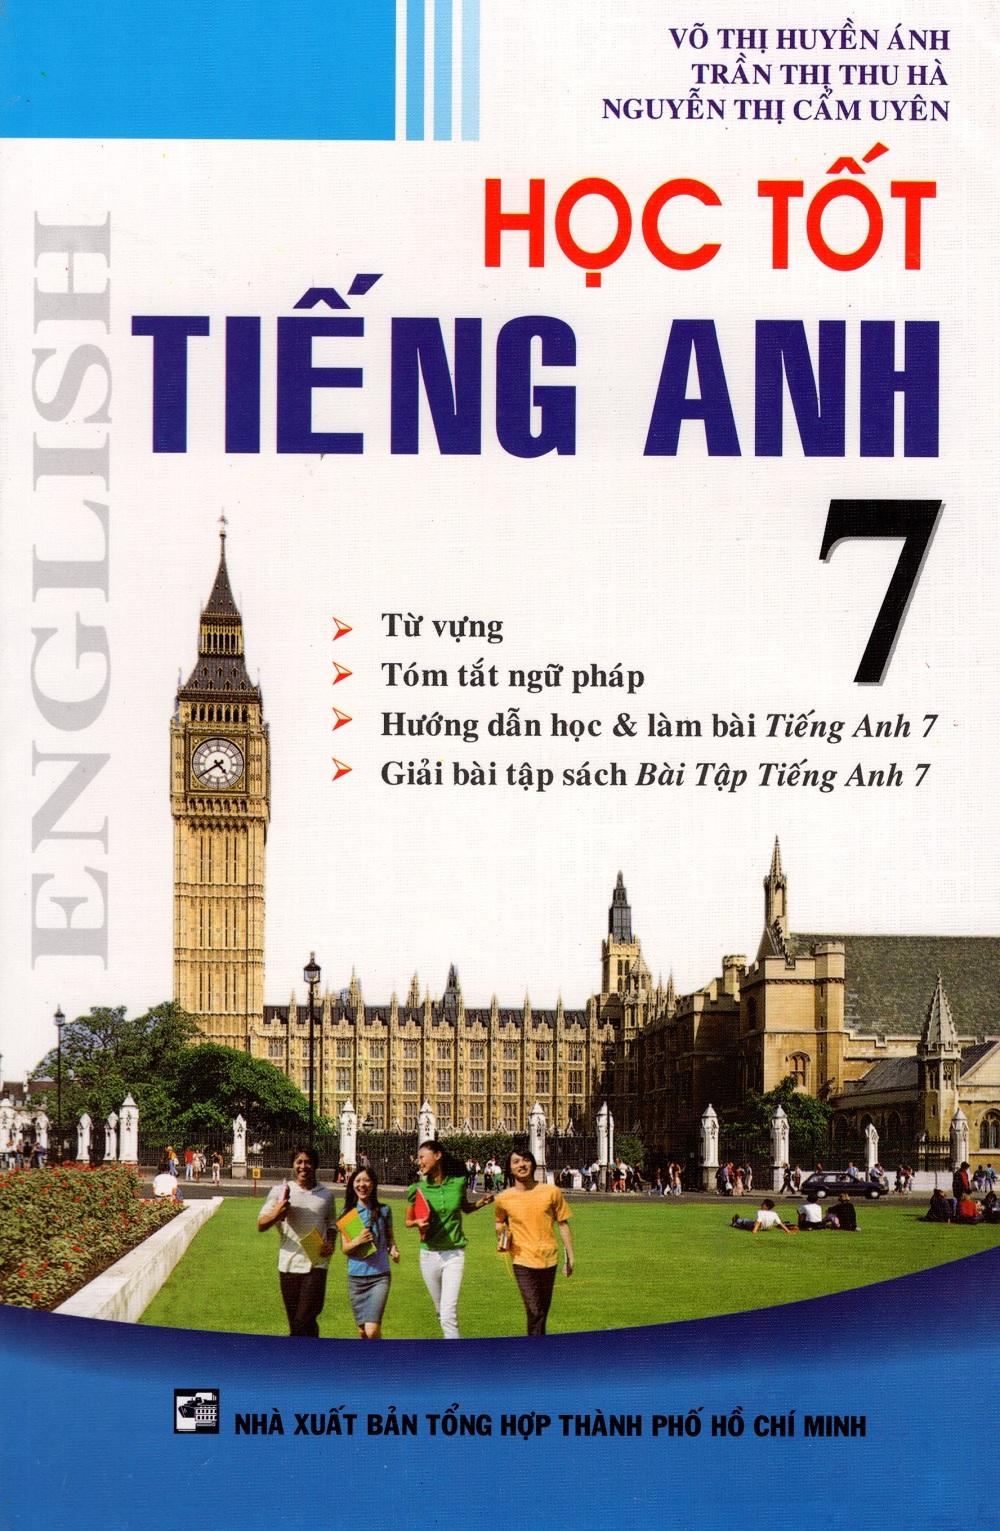 Học Tốt Tiếng Anh Lớp 7 - 8936083204313,62_238166,47000,tiki.vn,Hoc-Tot-Tieng-Anh-Lop-7-62_238166,Học Tốt Tiếng Anh Lớp 7